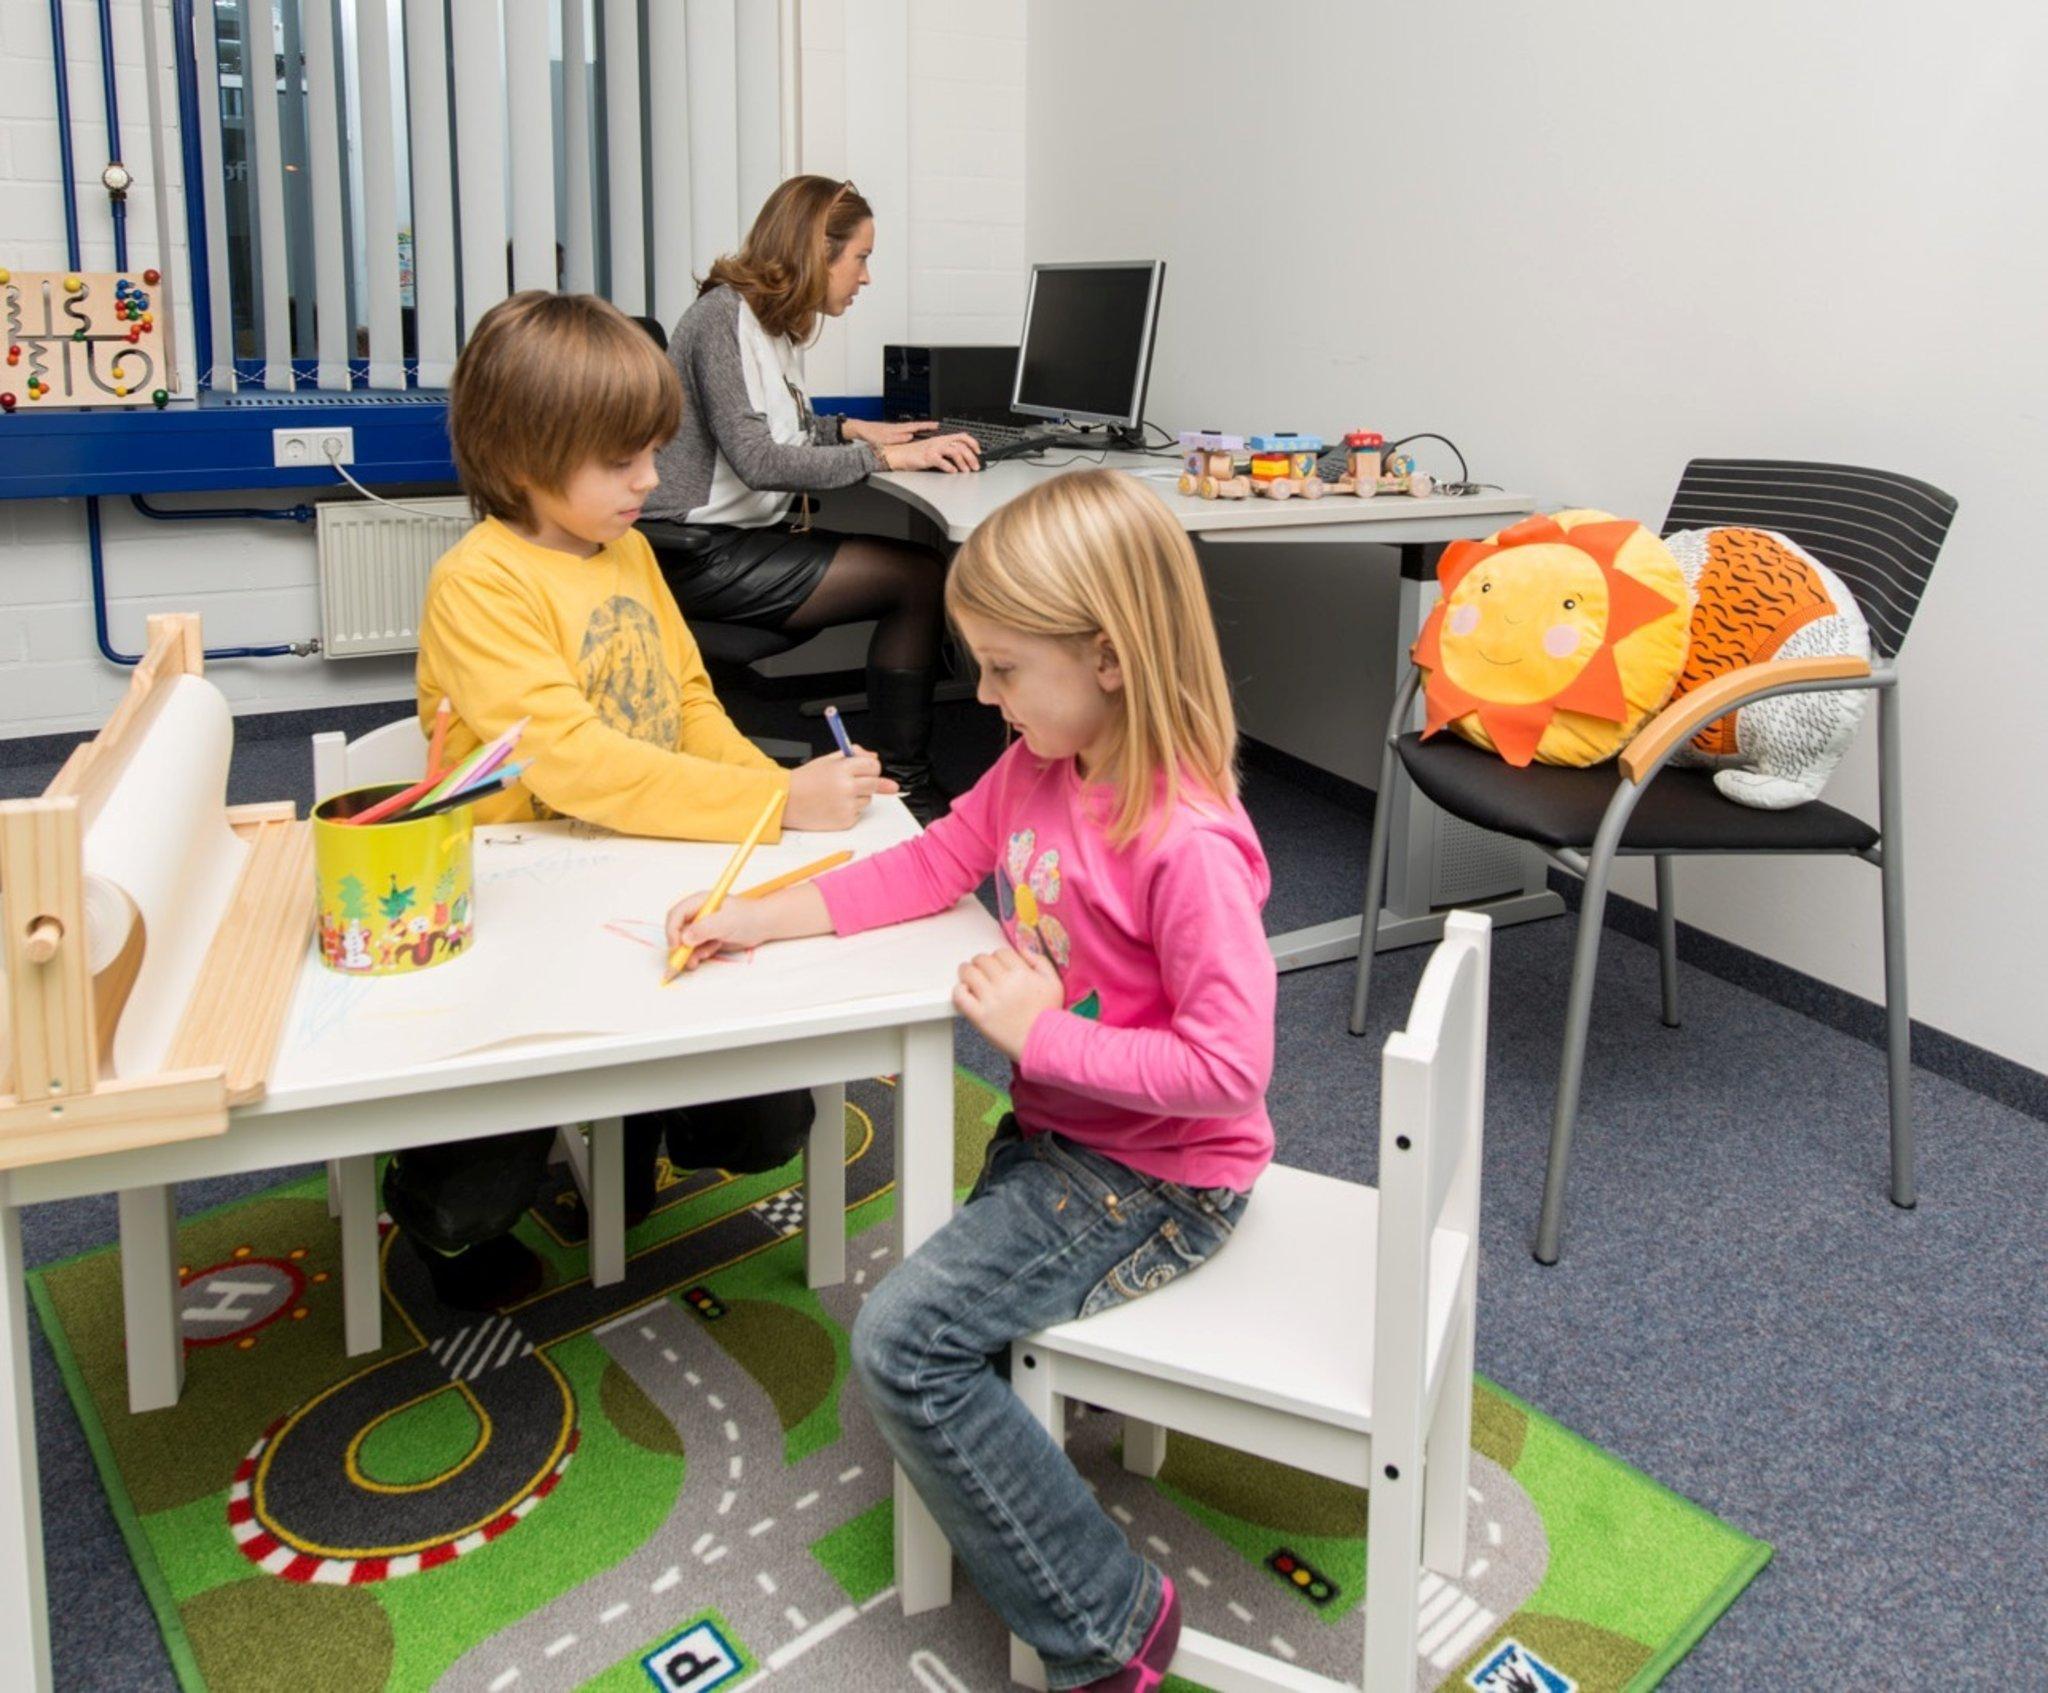 hl-studios richtet Eltern-Kind-Zimmer ein - mit Mama und Papa in der Agentur